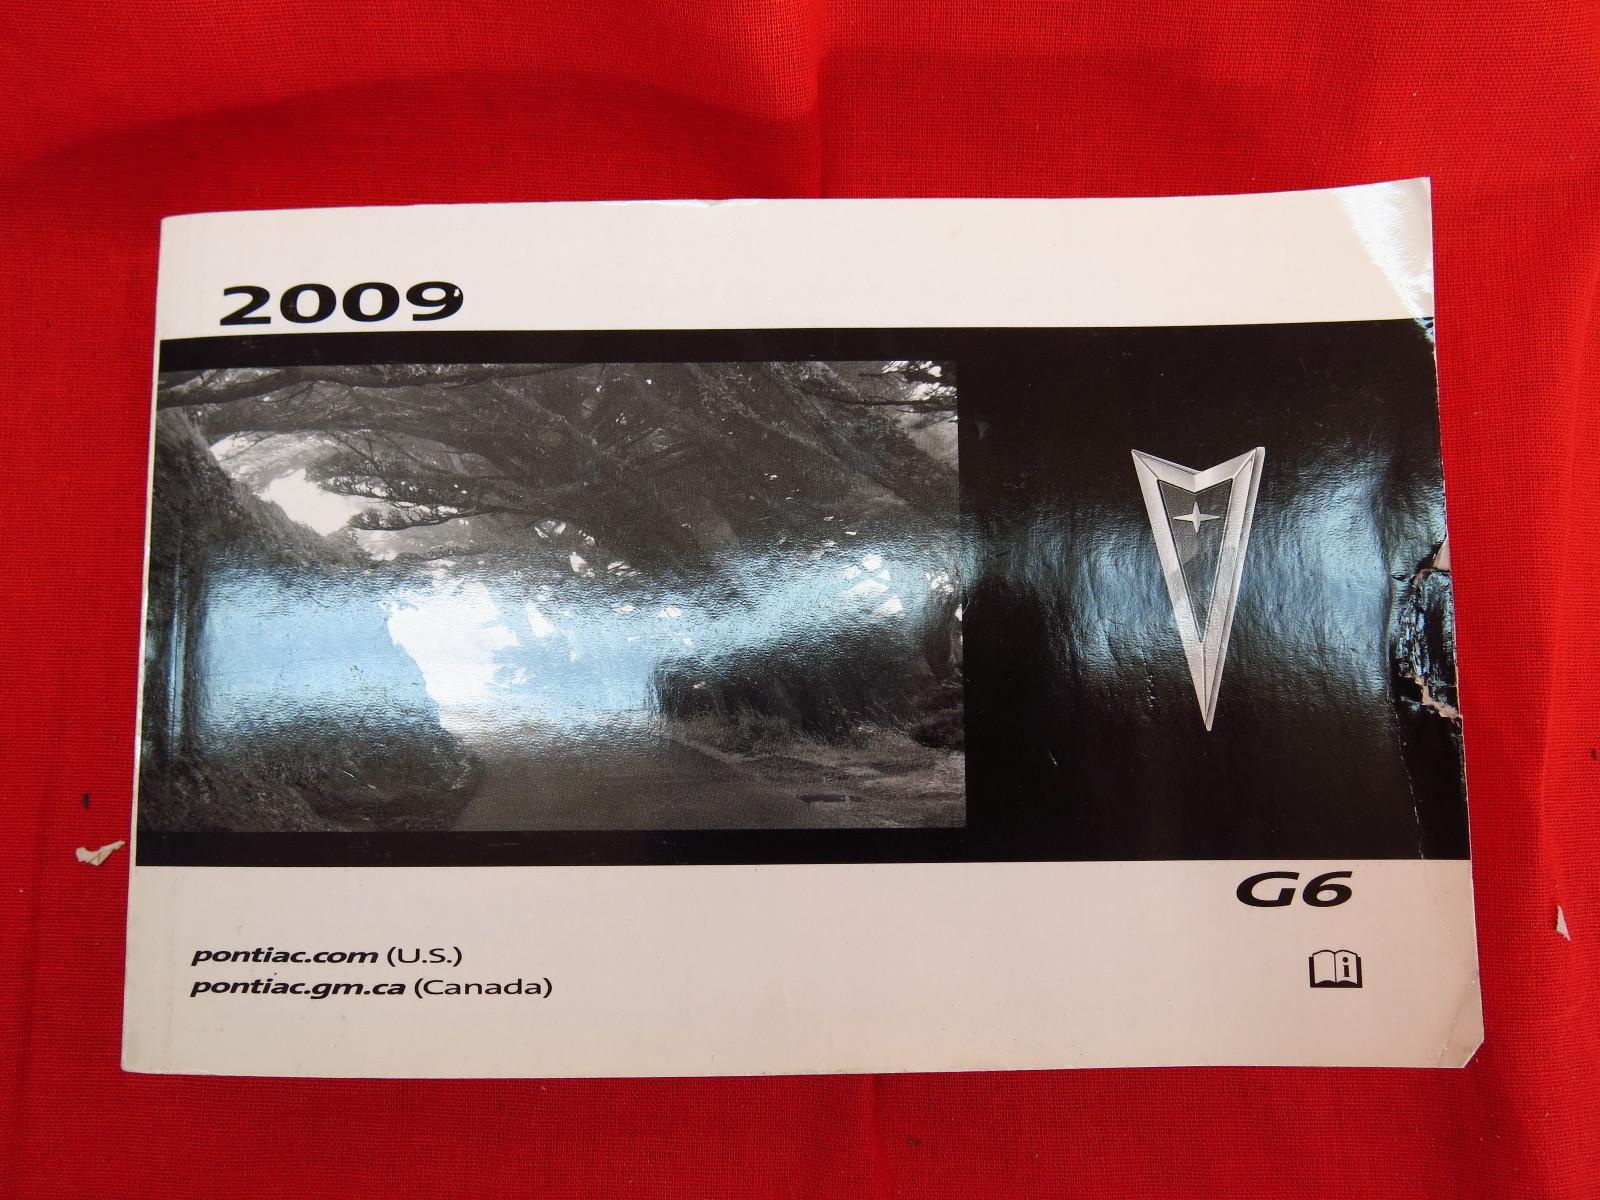 2007 honda odyssey repair manual pdf free